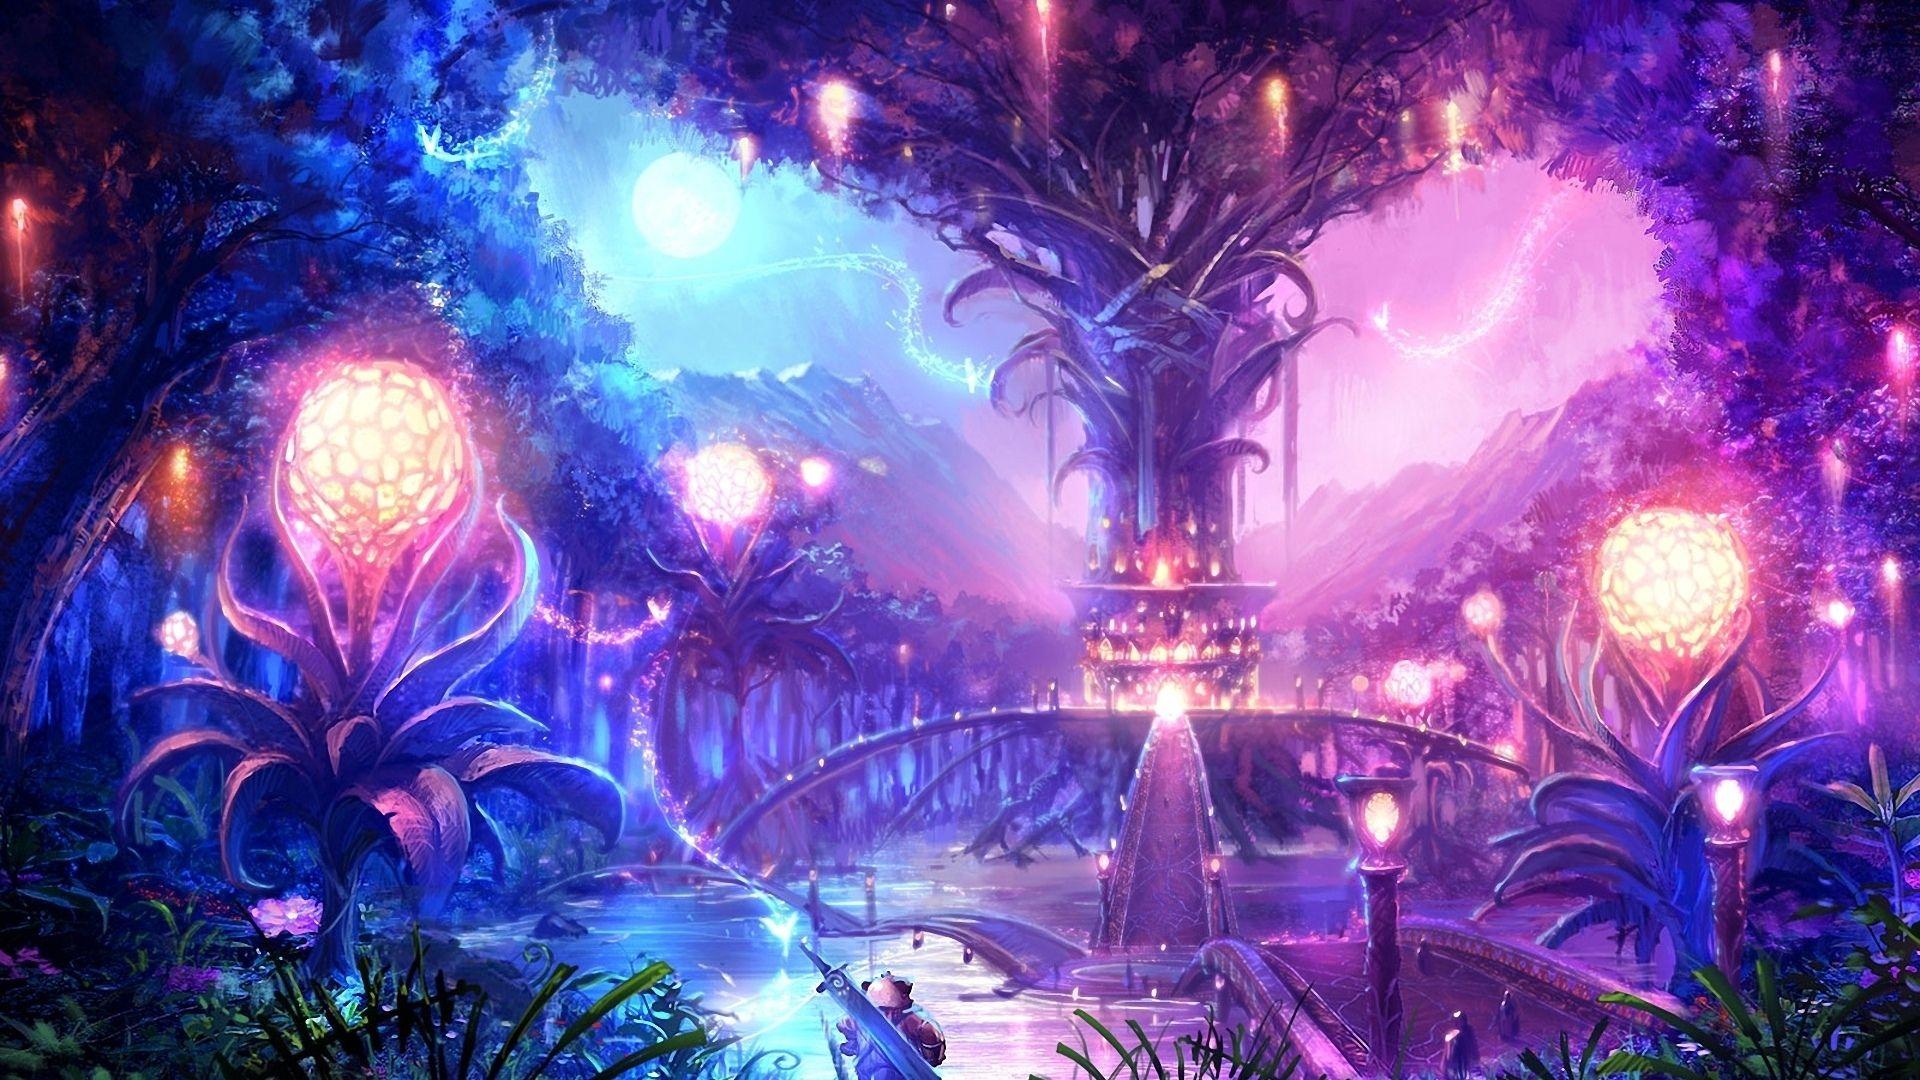 Tera online fantasy landscapes magic art wallpaper